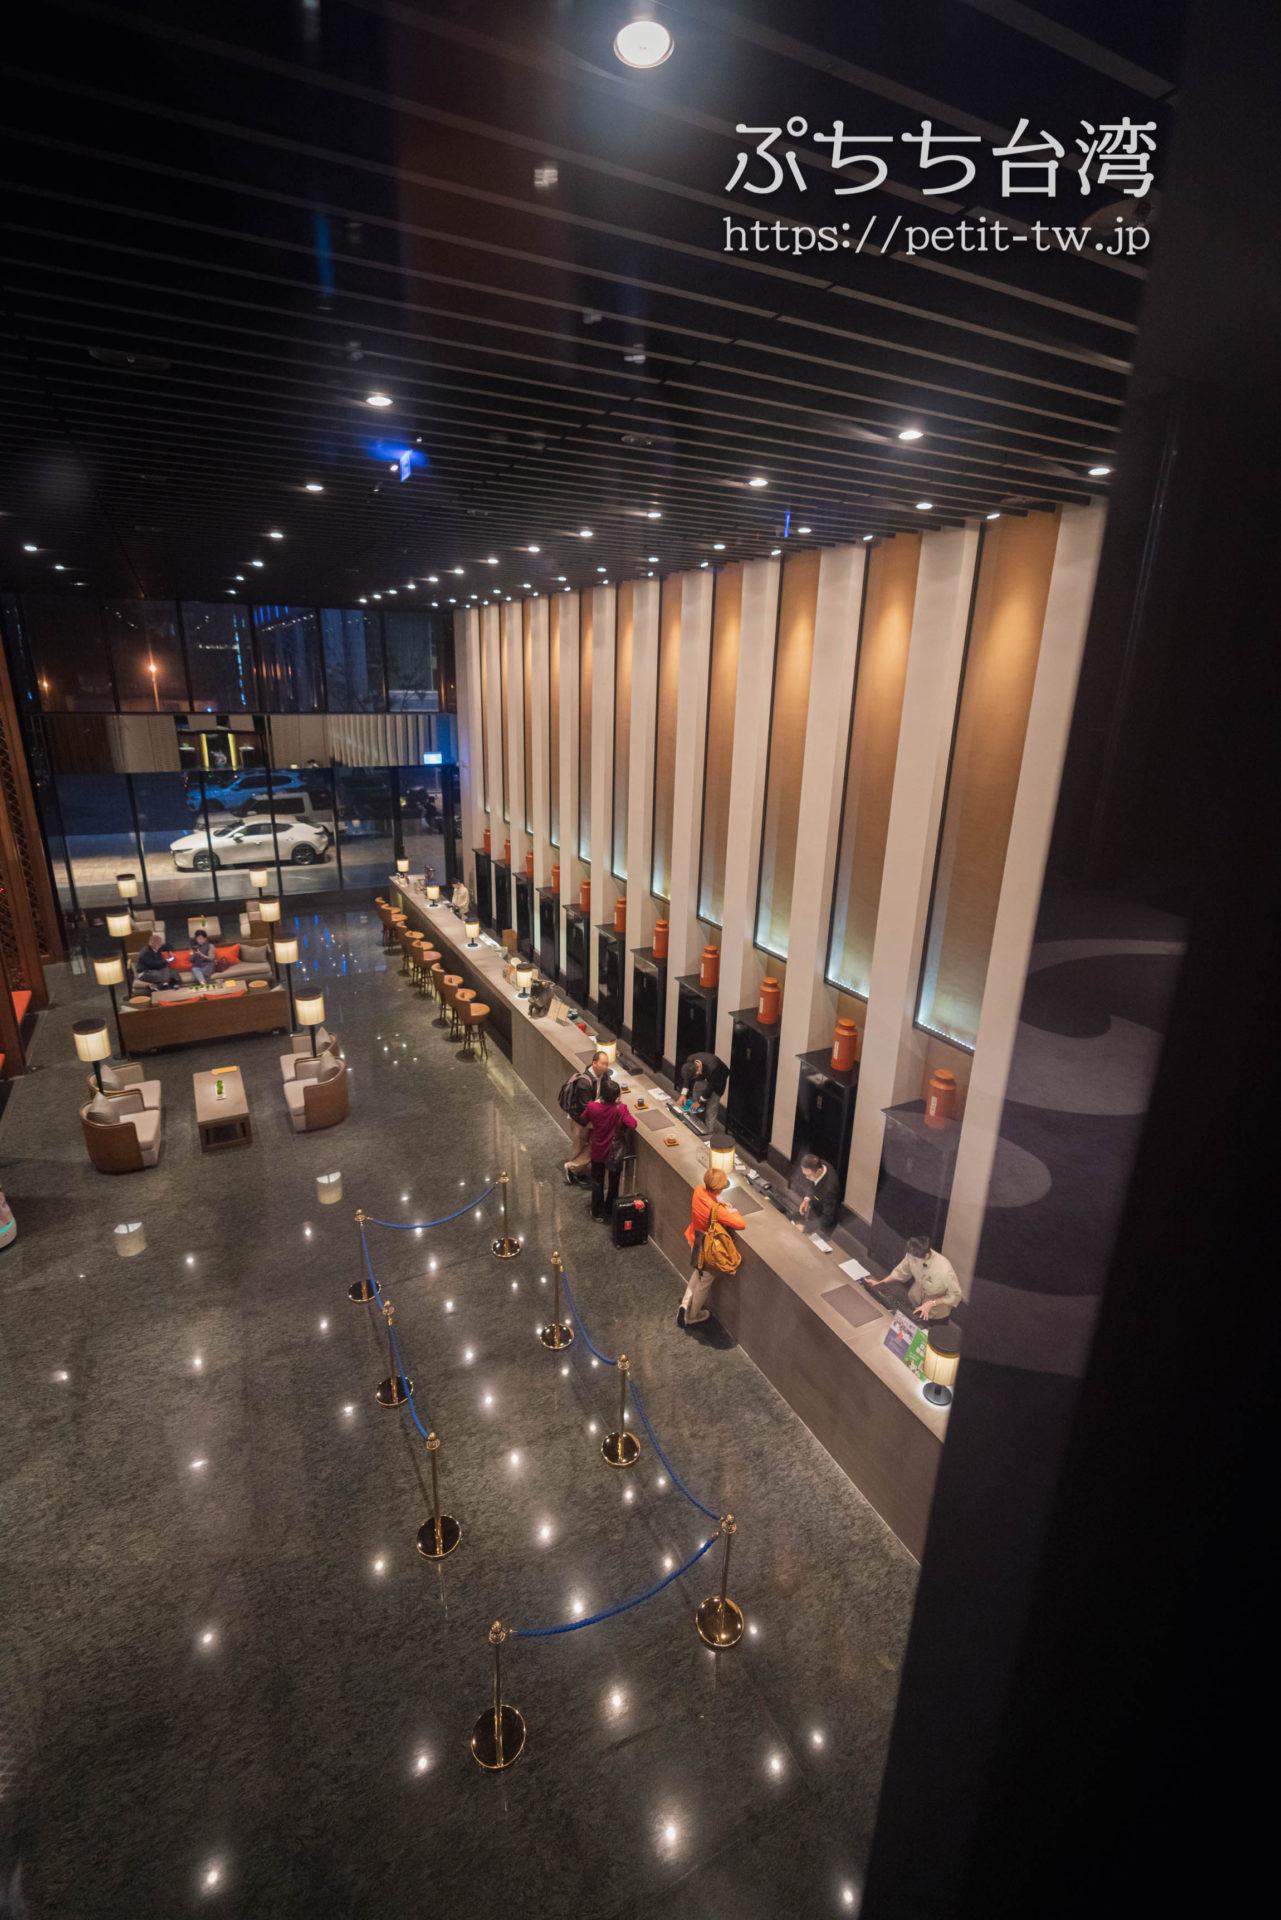 シルクスプレイス台南(Silks Place Tainan、台南晶英酒店)のホテルロビー